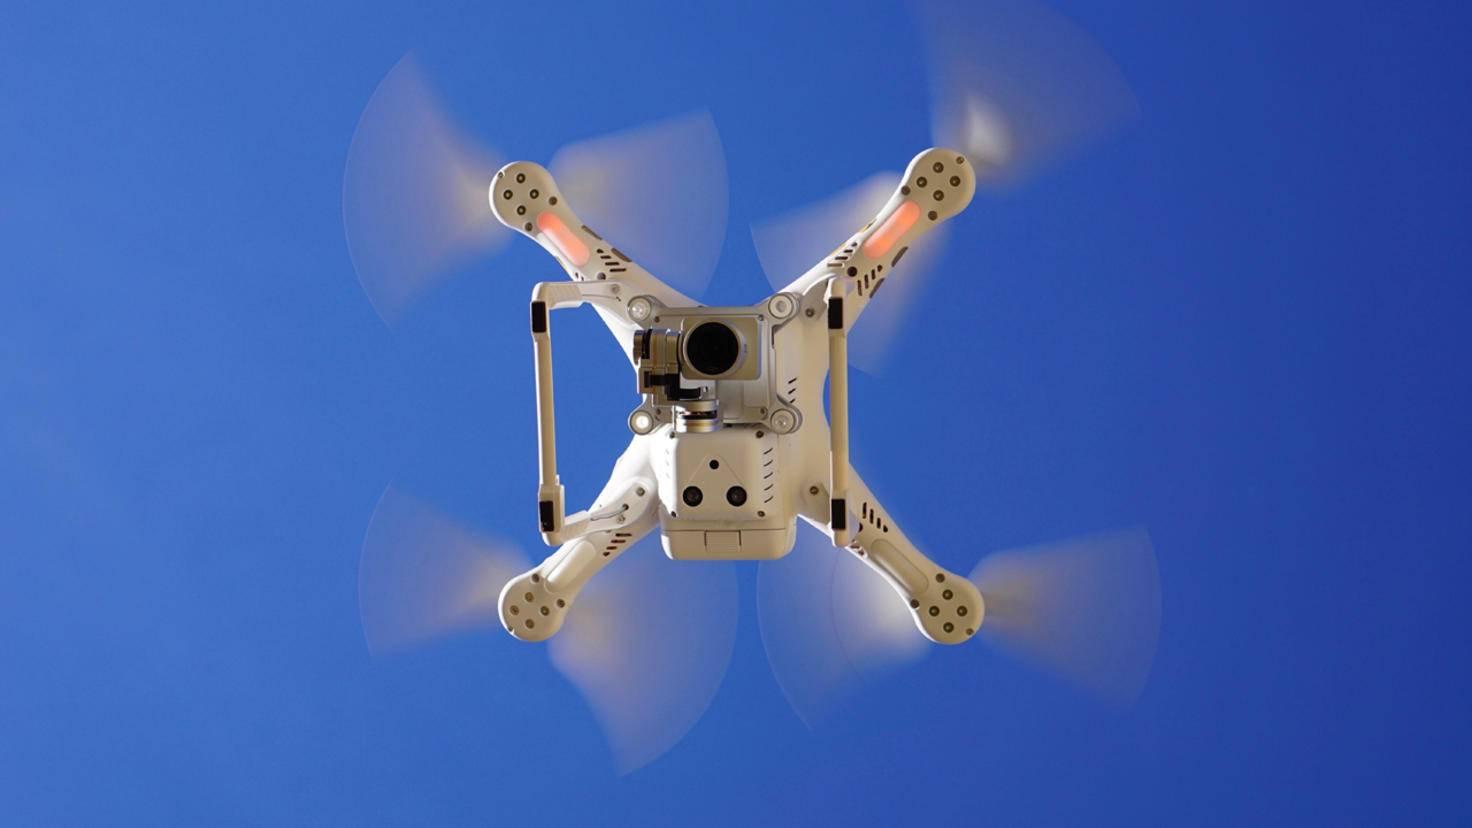 Bei einer Quadrocopter-Drohne halten vier Rotoren die Kamera in der Schwebe.